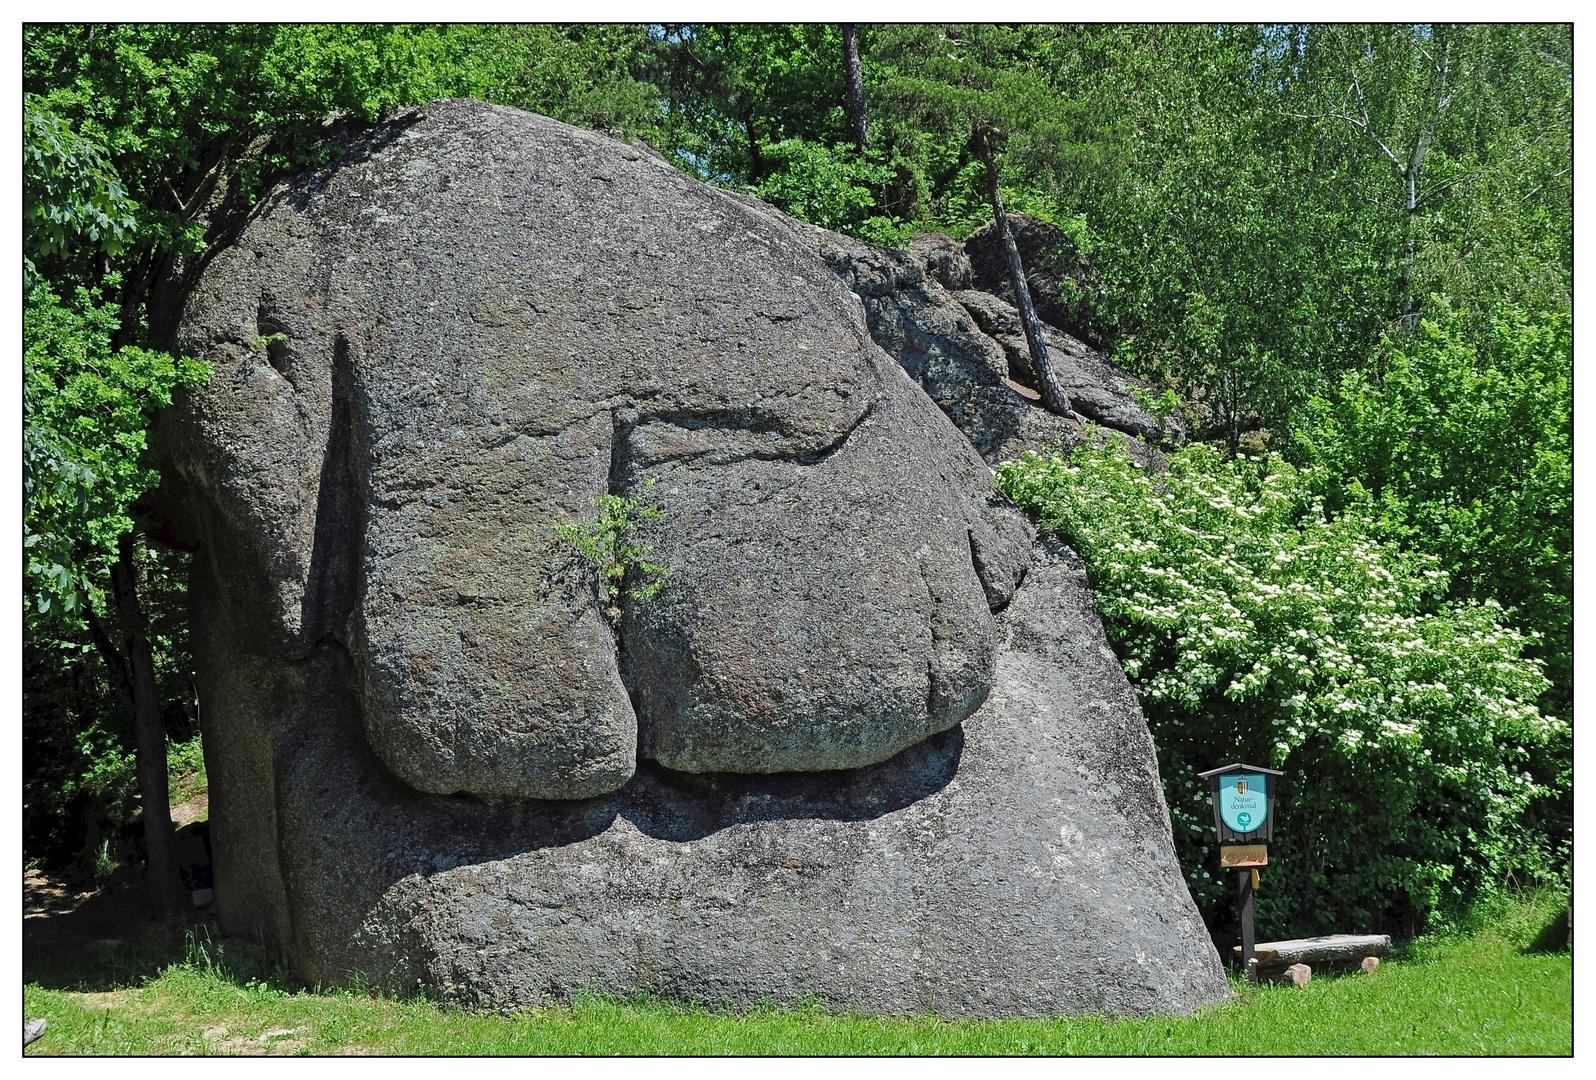 Elefantenstein